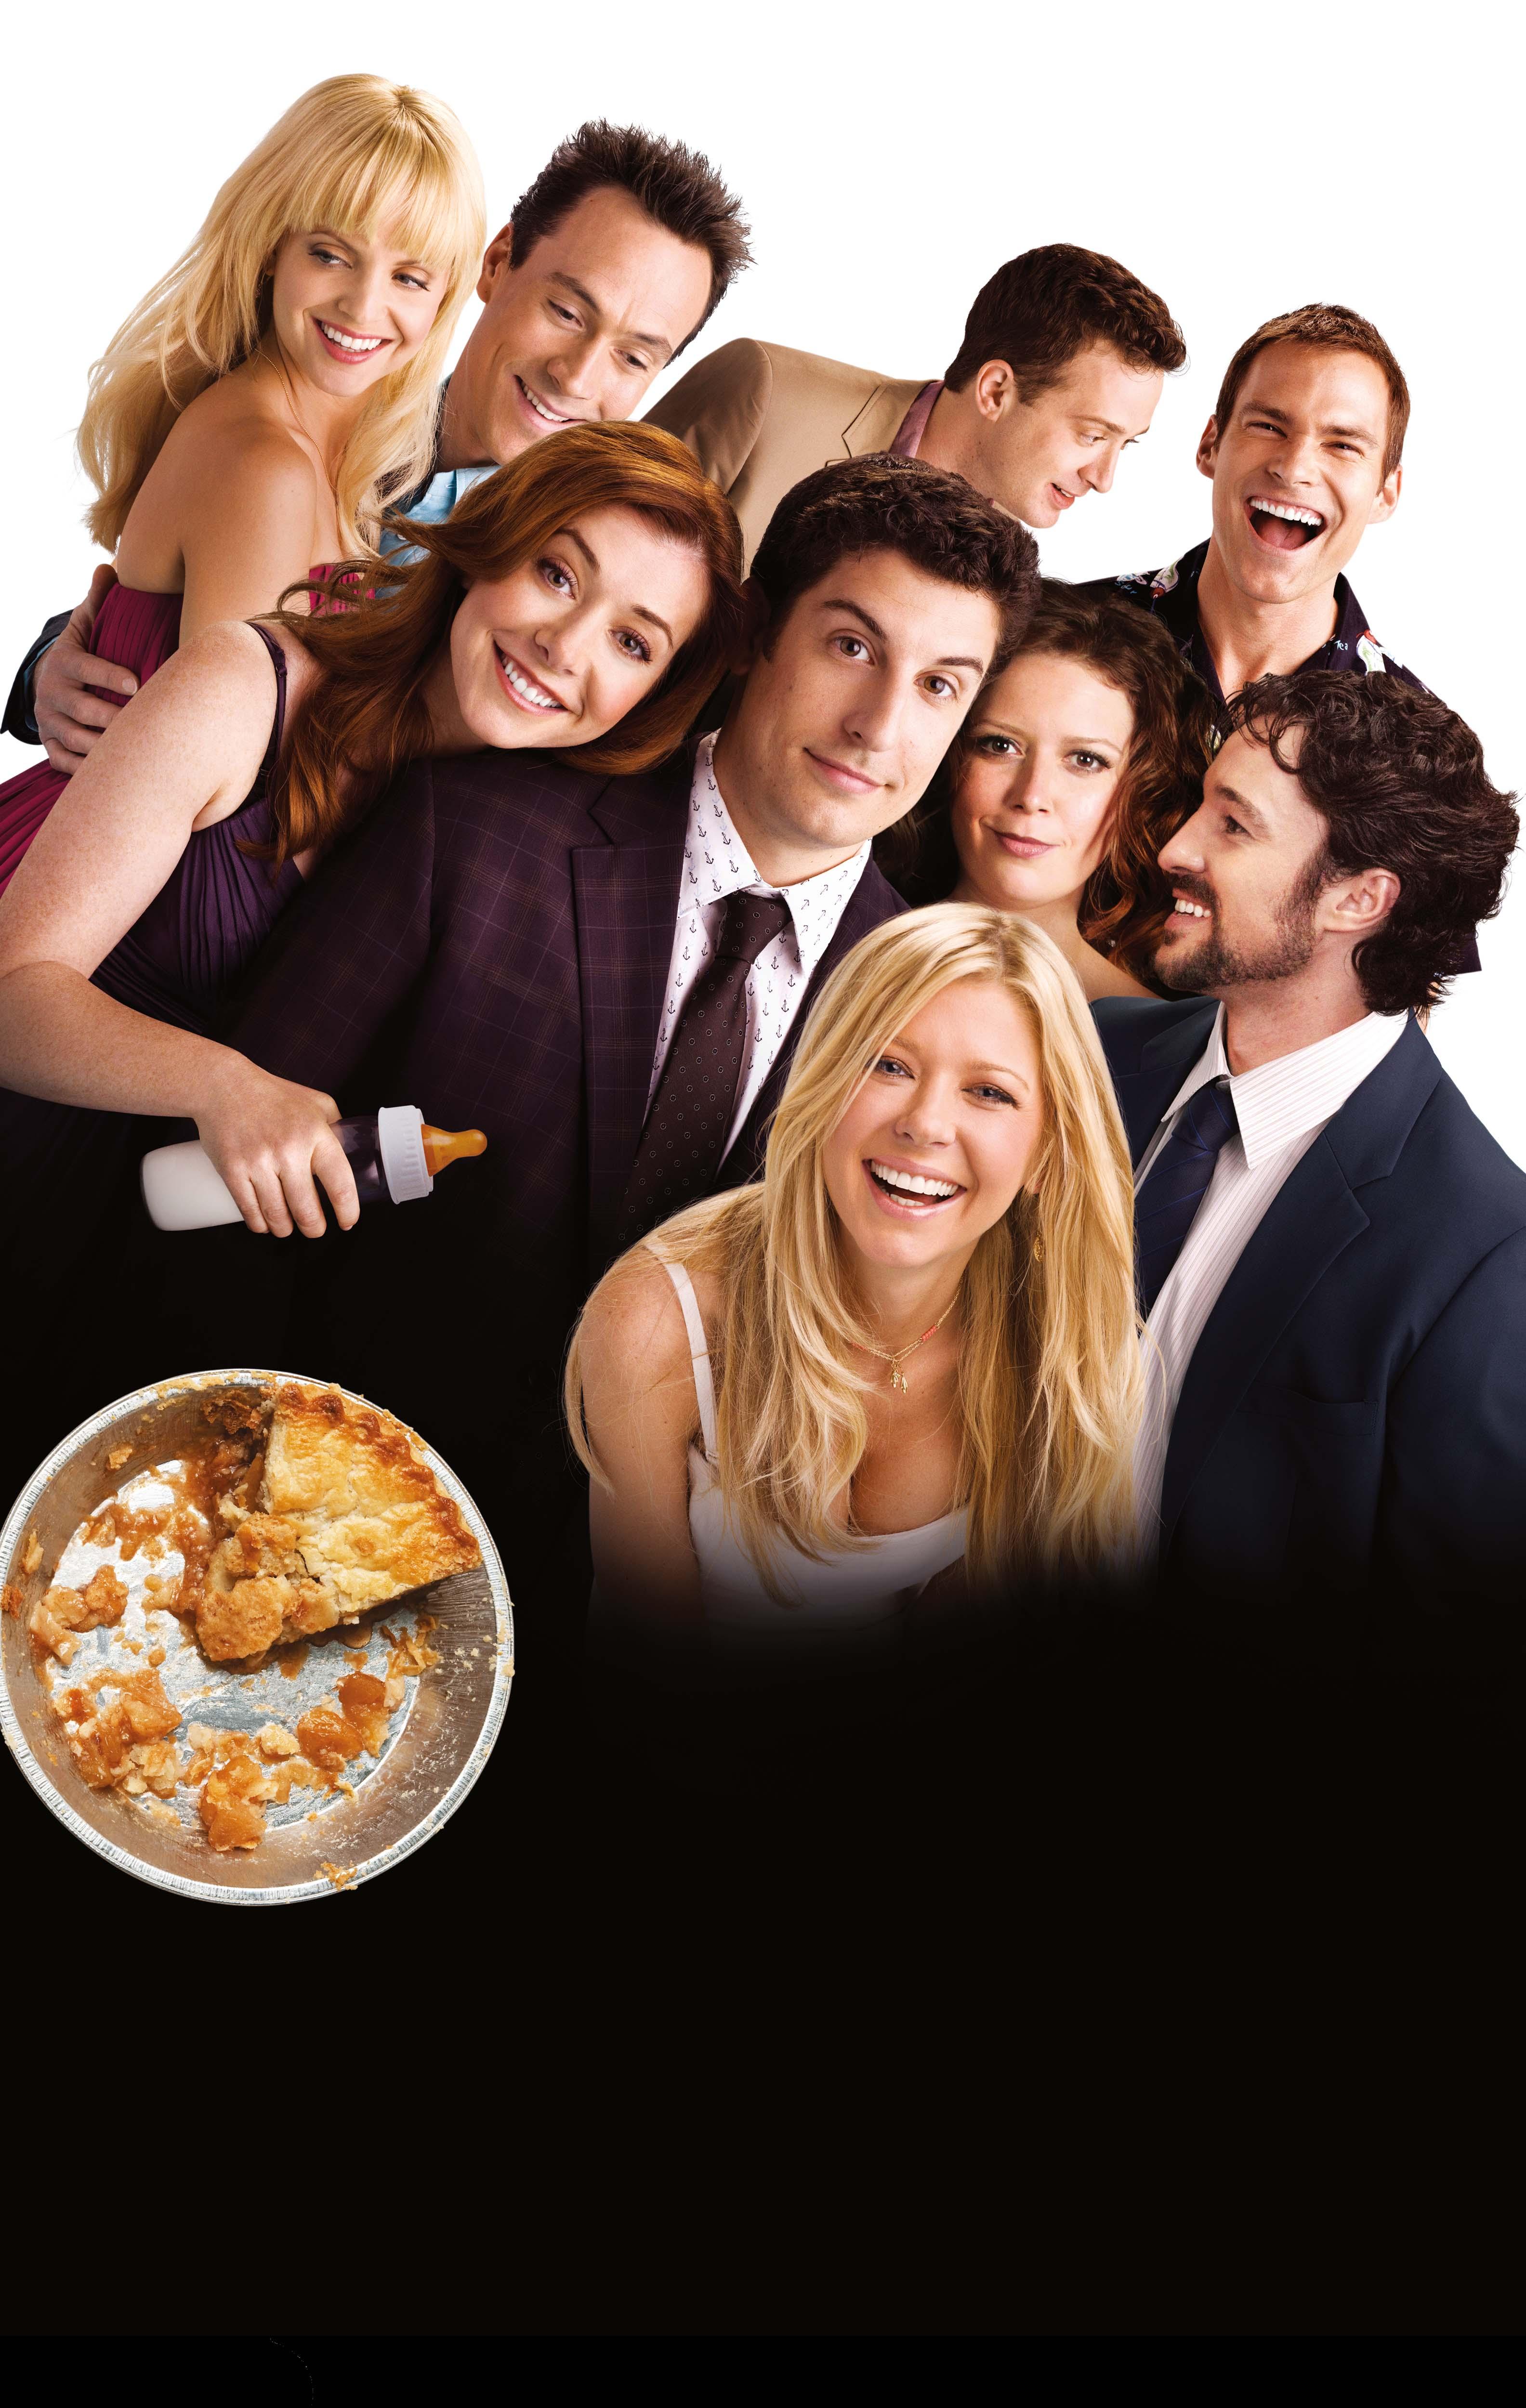 плакат фильма постер textless Американский пирог: Все в сборе